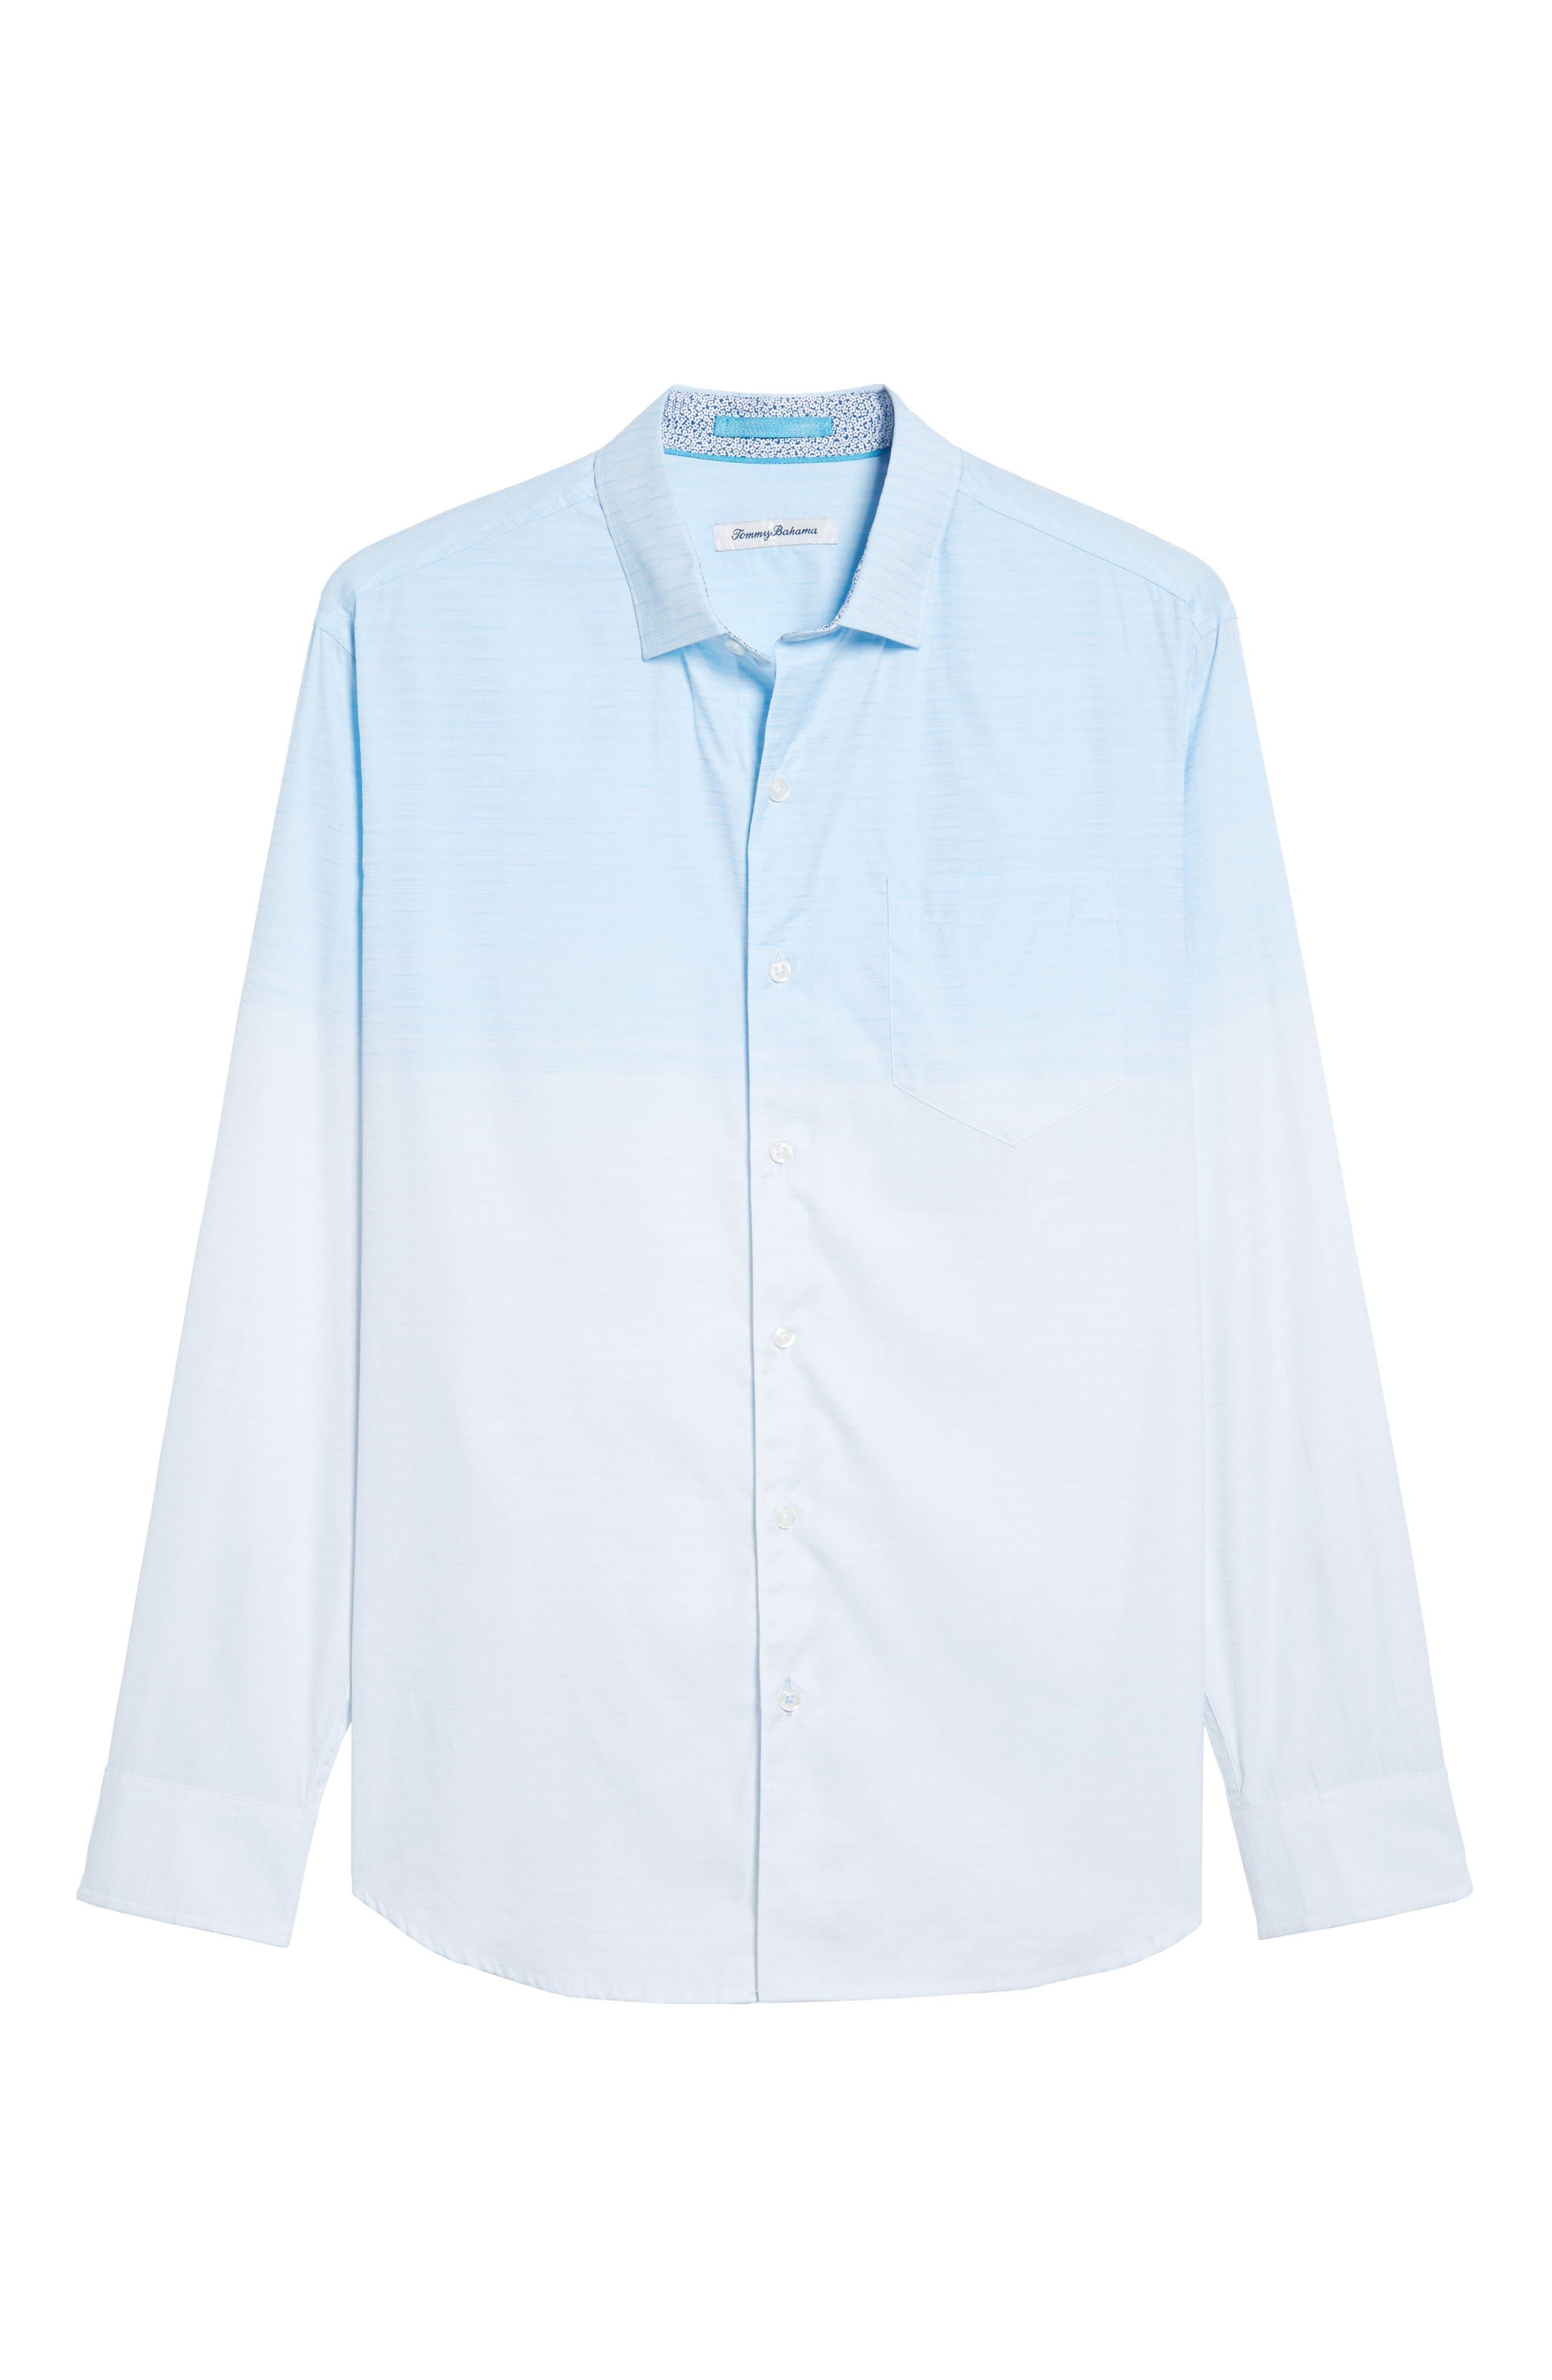 Palm Bay Ombré Sport Shirt,                             Alternate thumbnail 6, color,                             Opal